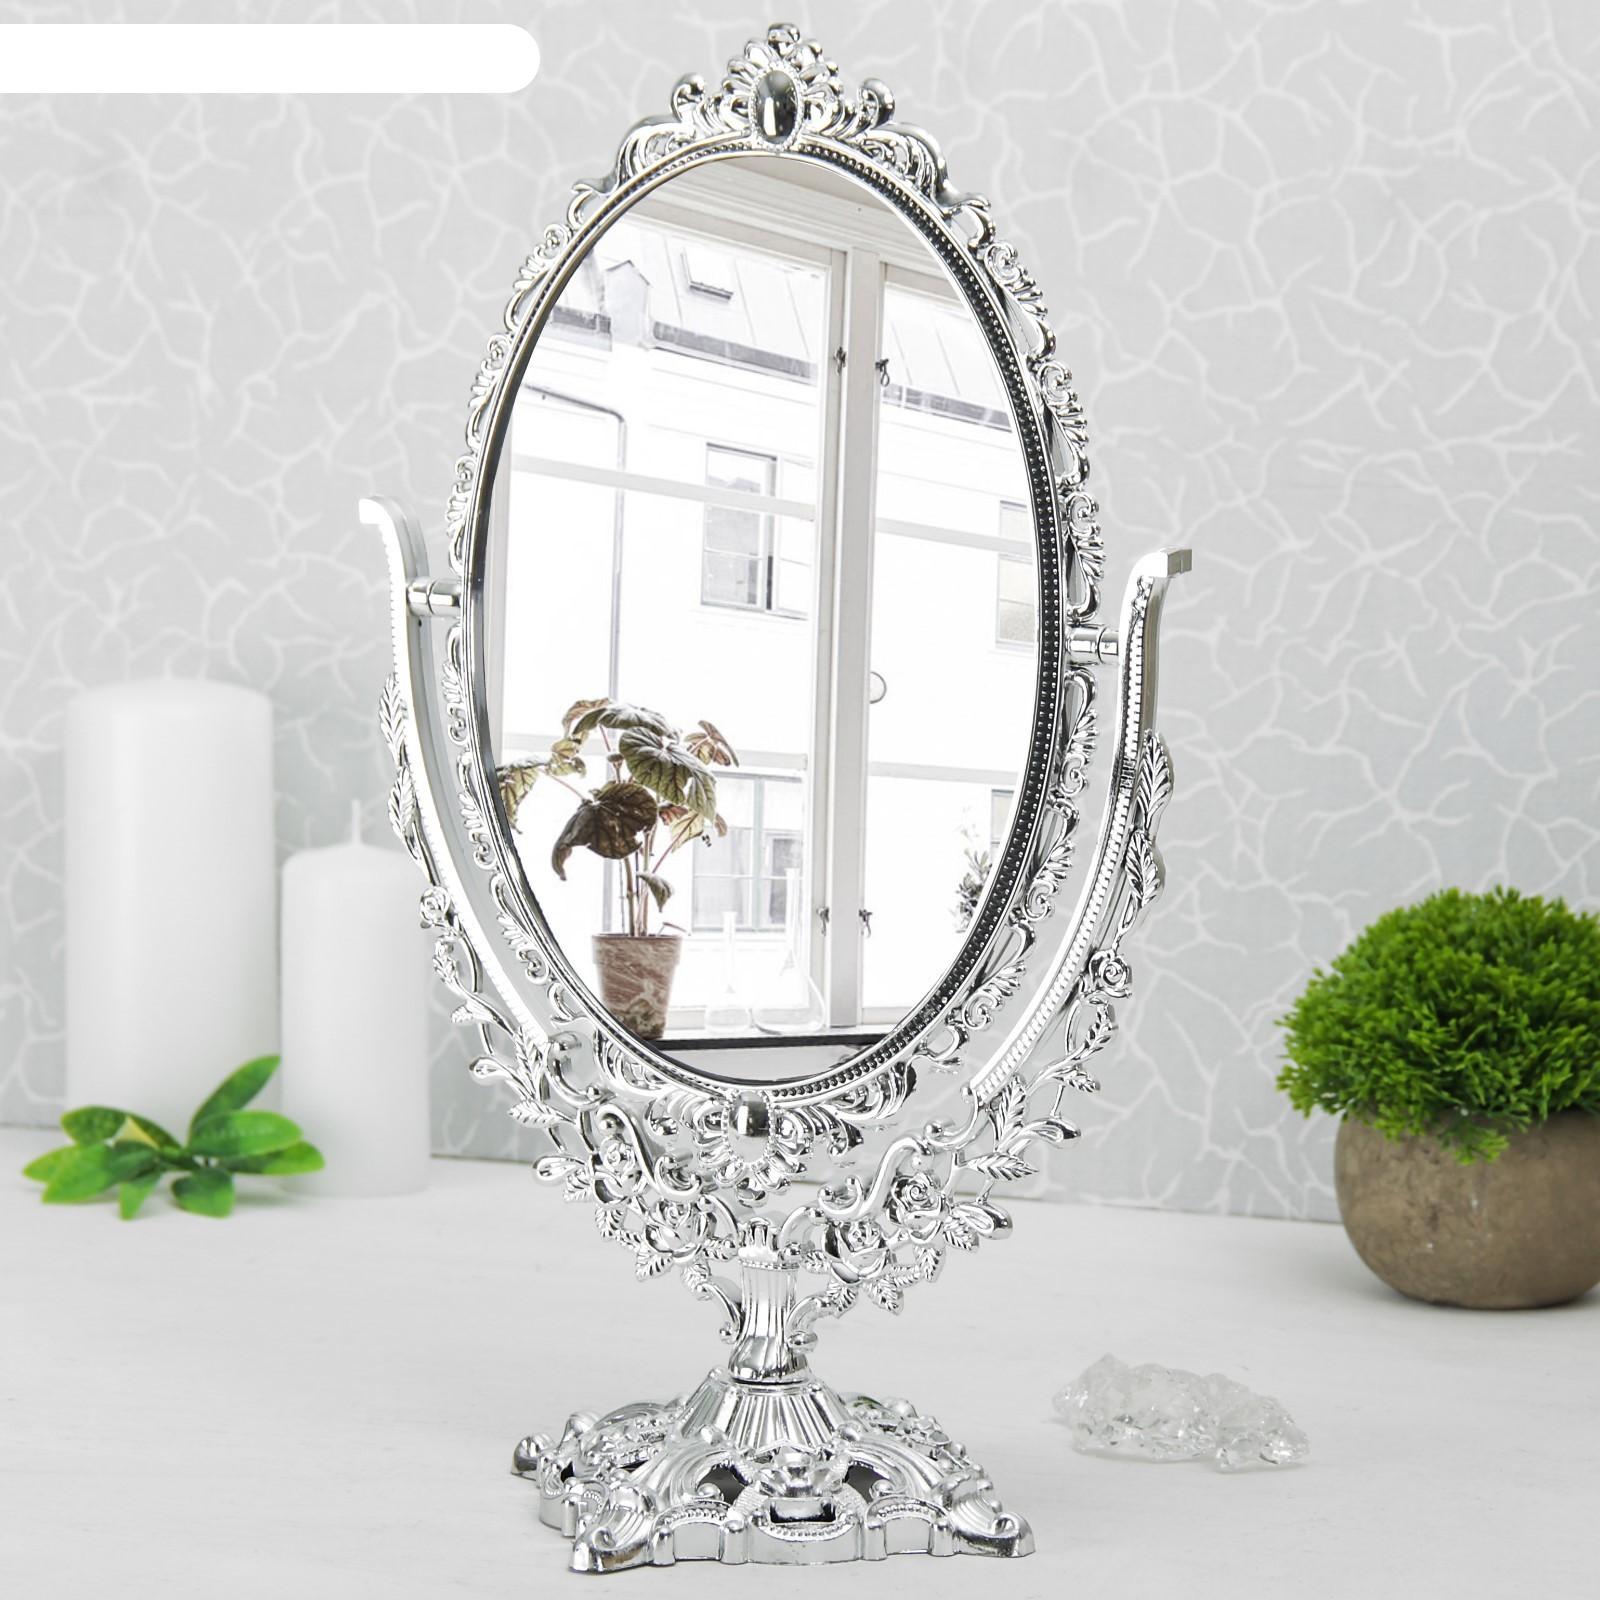 Зеркало настольное шарм, овальное, двухстороннее, с увеличением, цвет сере